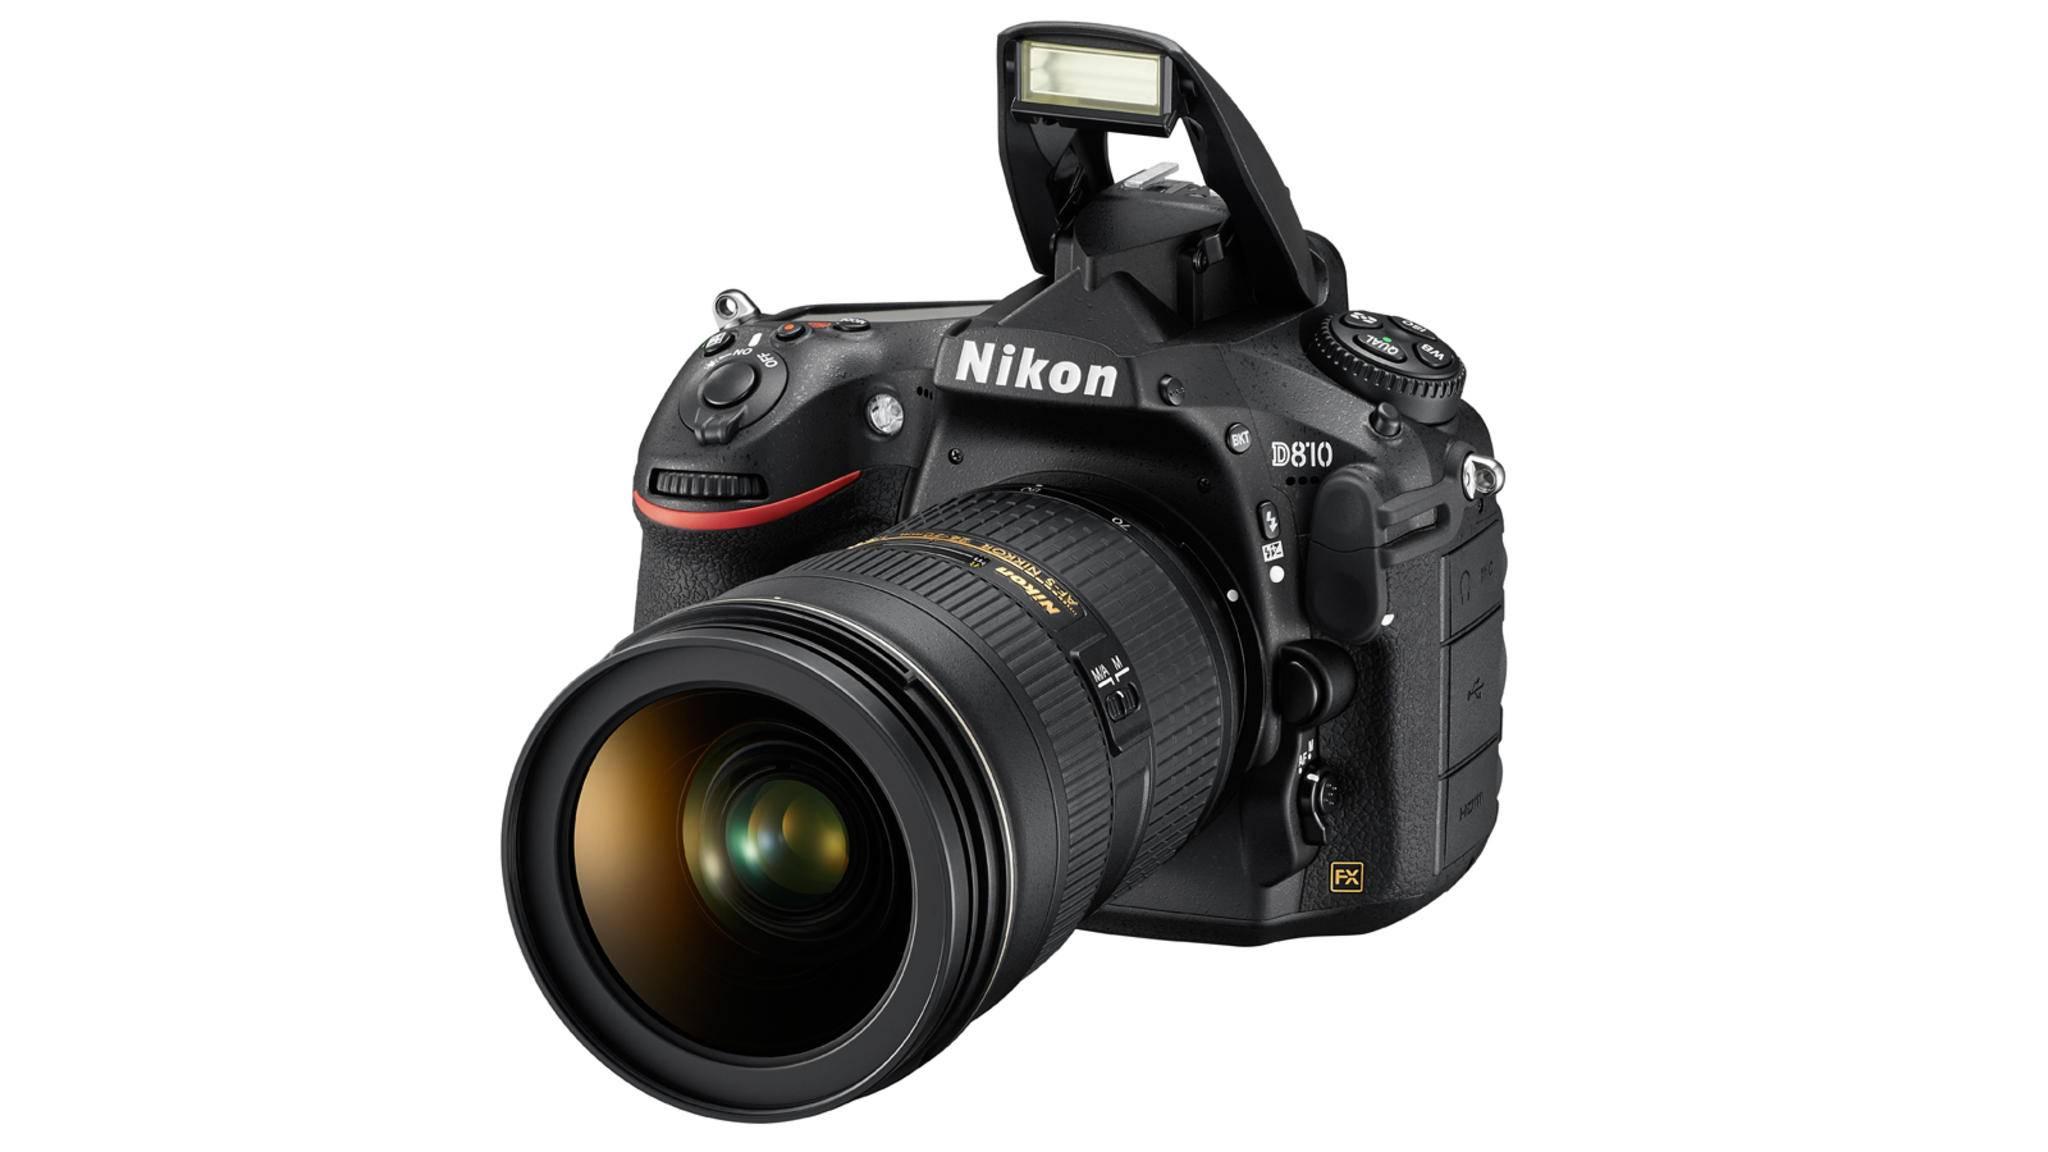 Sollte die Nikon D820 tatsächlich das AF-System der D5 bekommen, wäre das eine deutliche Verbesserung zum Vorgängermodell D810 (hier im Bild).